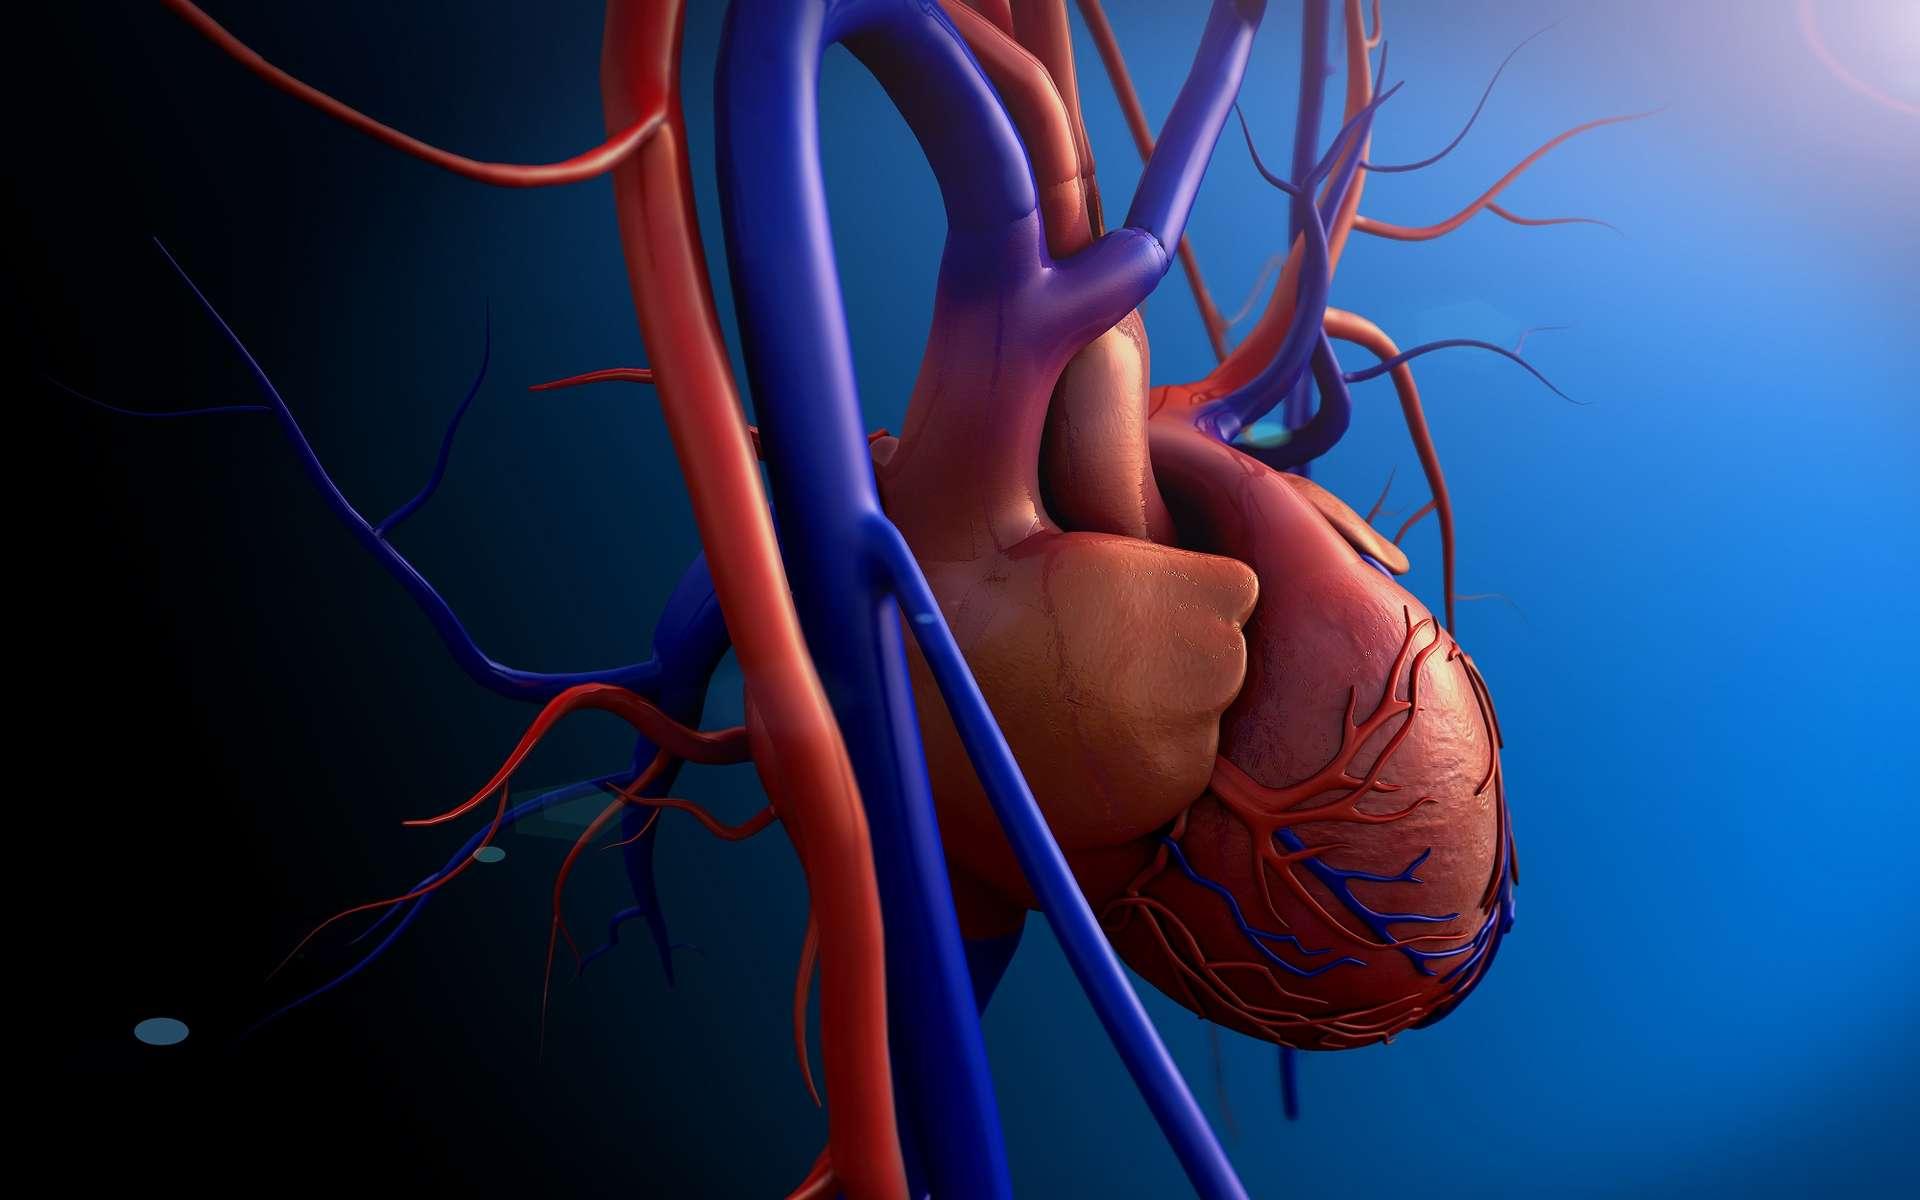 Le ventricule gauche envoie du sang riche en dioxygène (en rouge) dans l'aorte et le ventricule droit du sang pauvre en dioxygène (en bleu) dans l'artère pulmonaire. © UGREEN 3S, Shutterstock